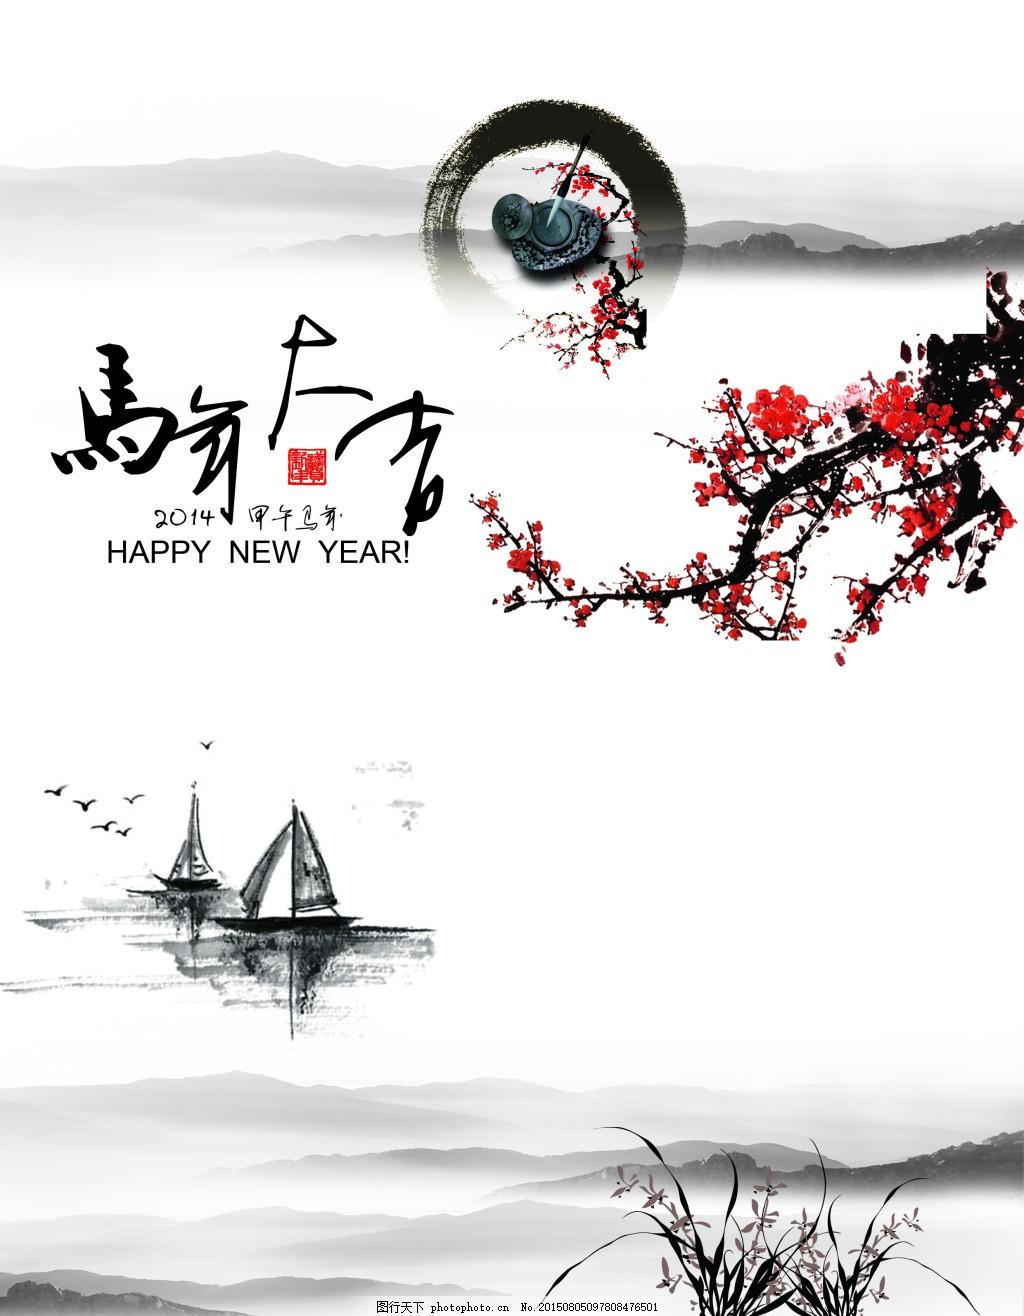 中国风马年水墨画设计psd分层素材 中国风 水墨 古风 古典 墨迹 墨痕